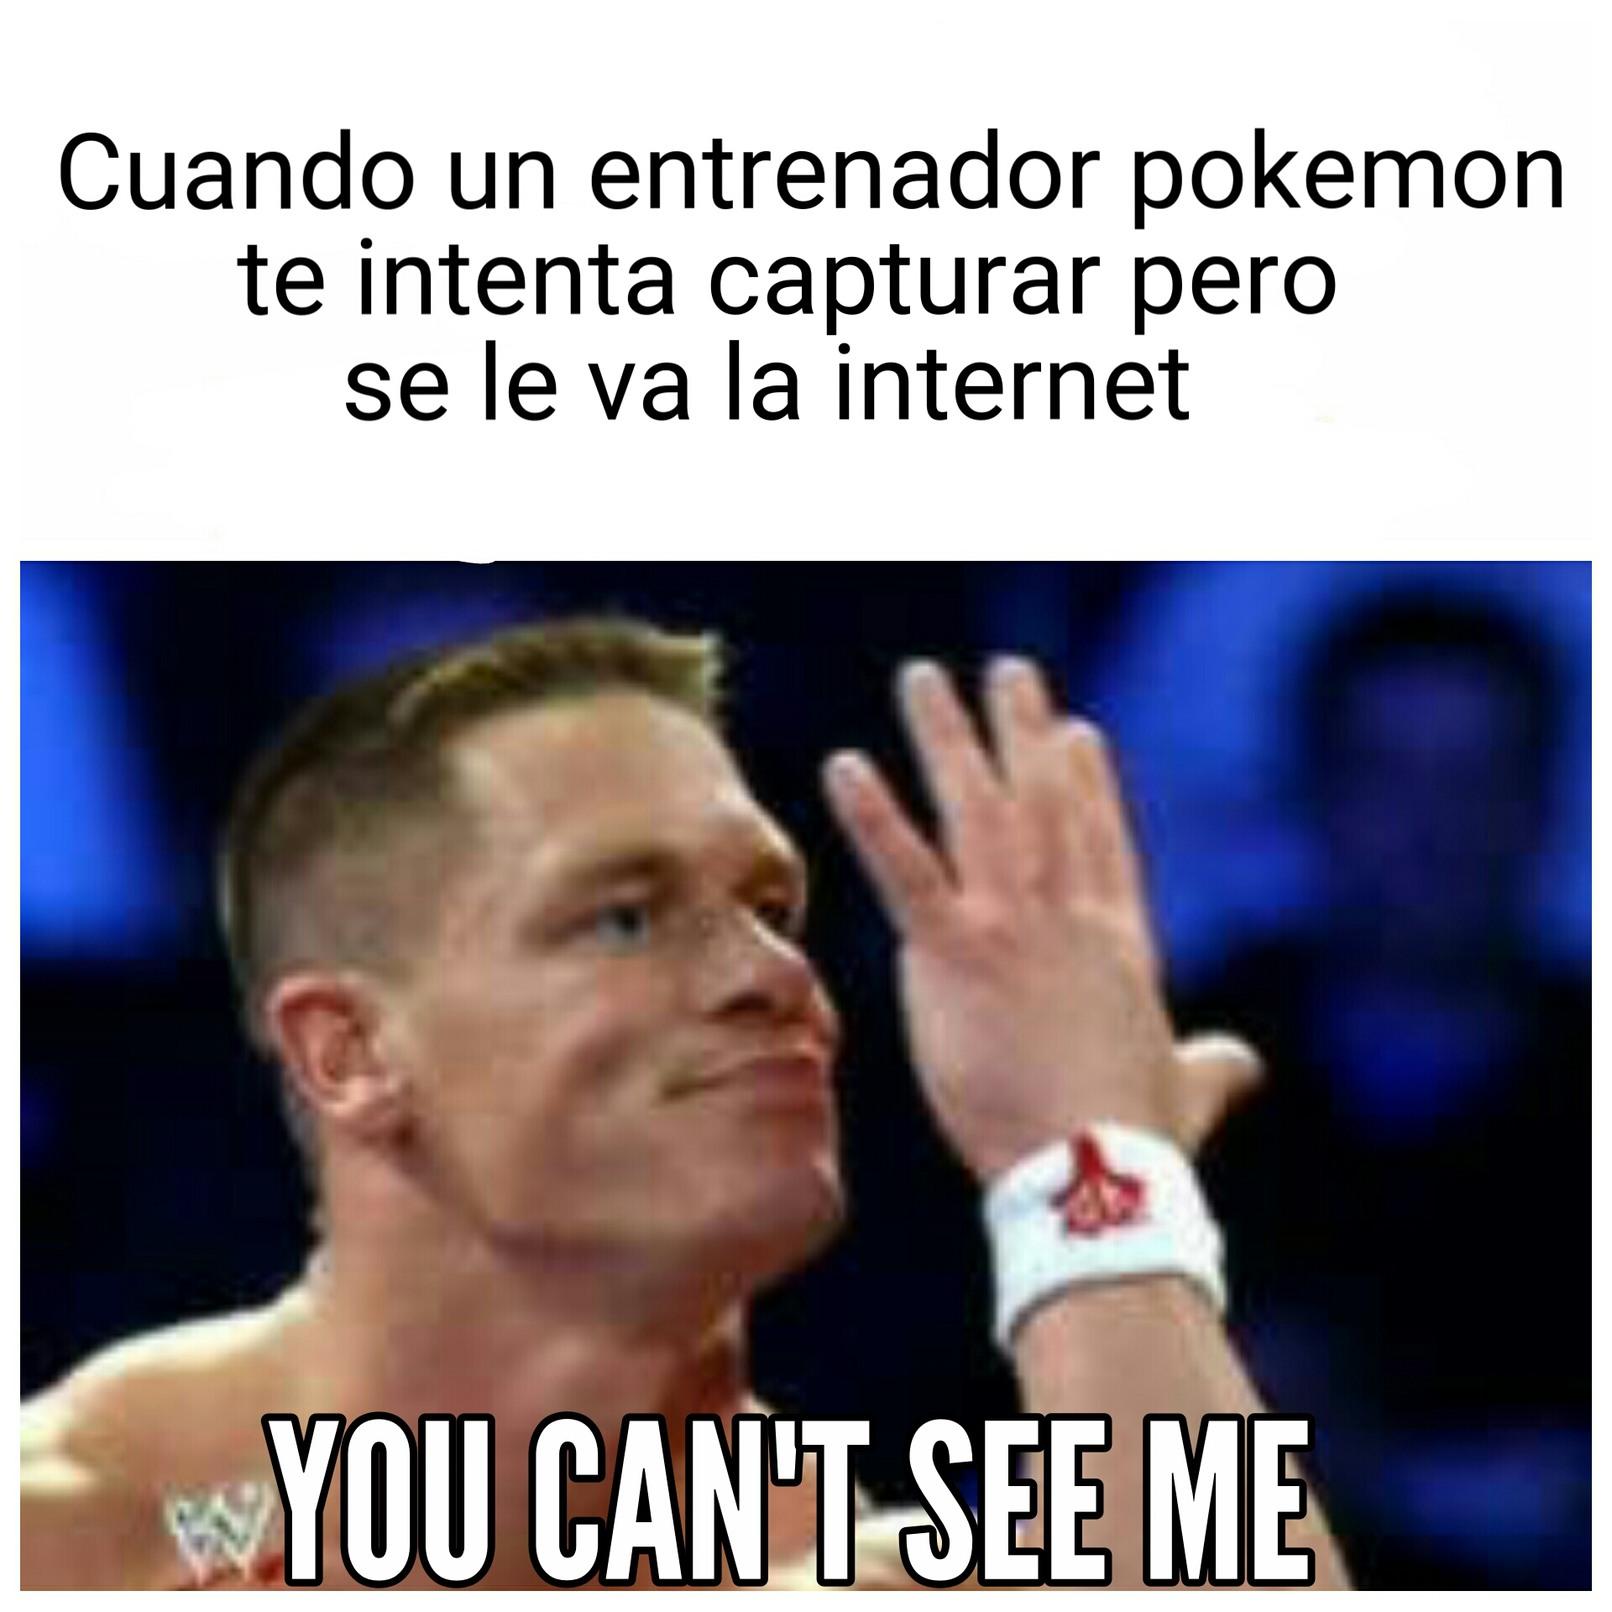 U can't see me - meme